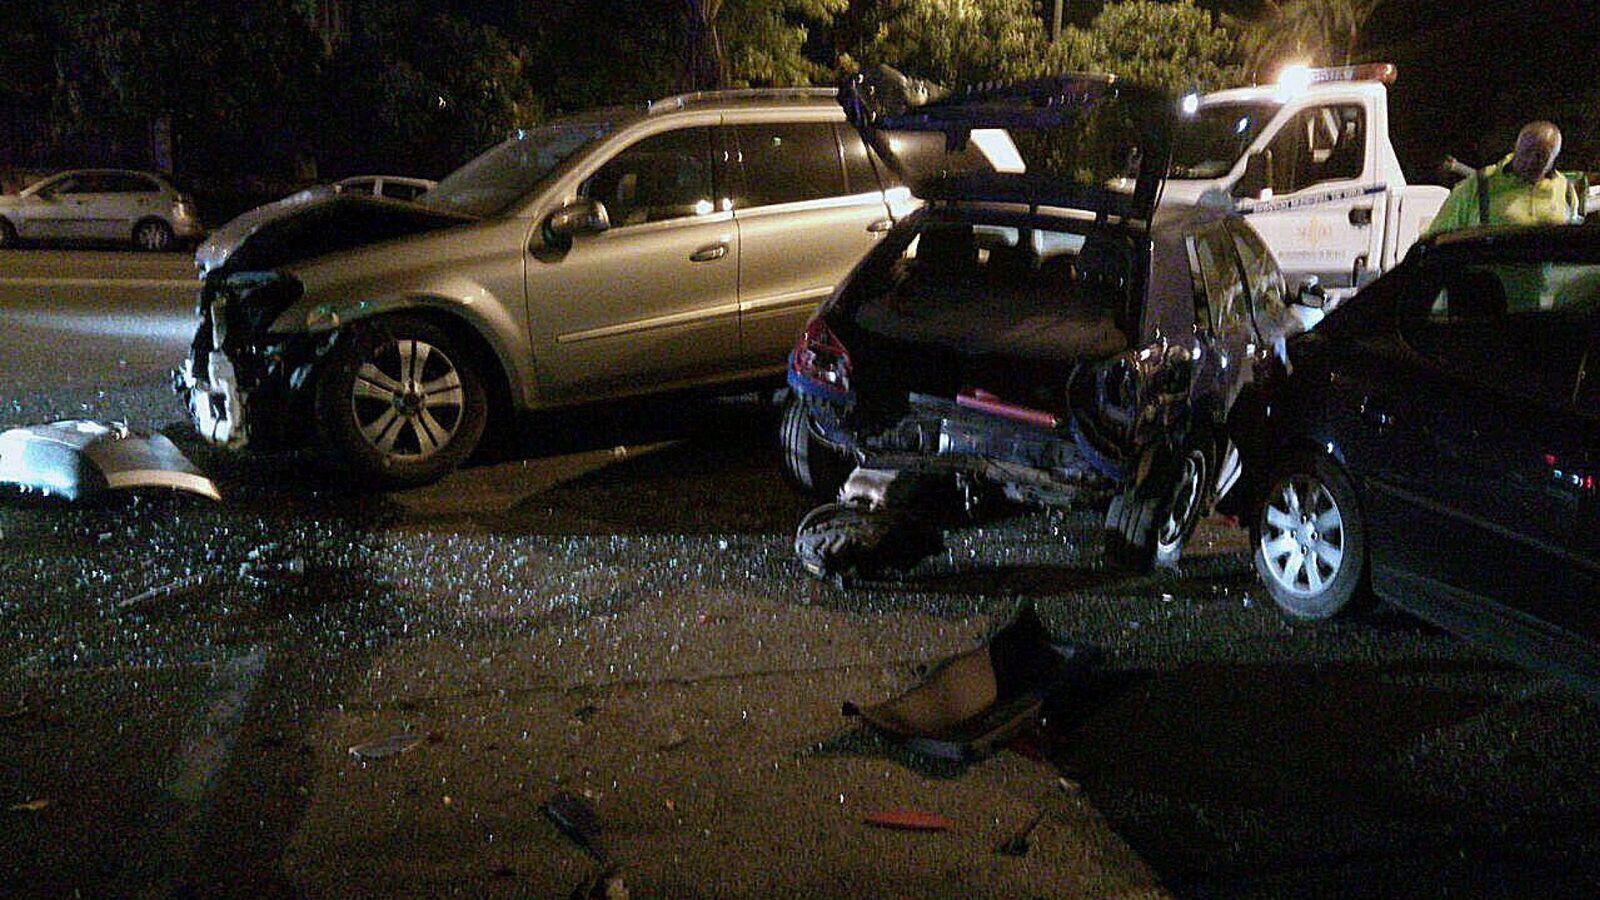 Foto: Los accidentes provocados por el alcohol o las drogas podrían evitarse (EFE)